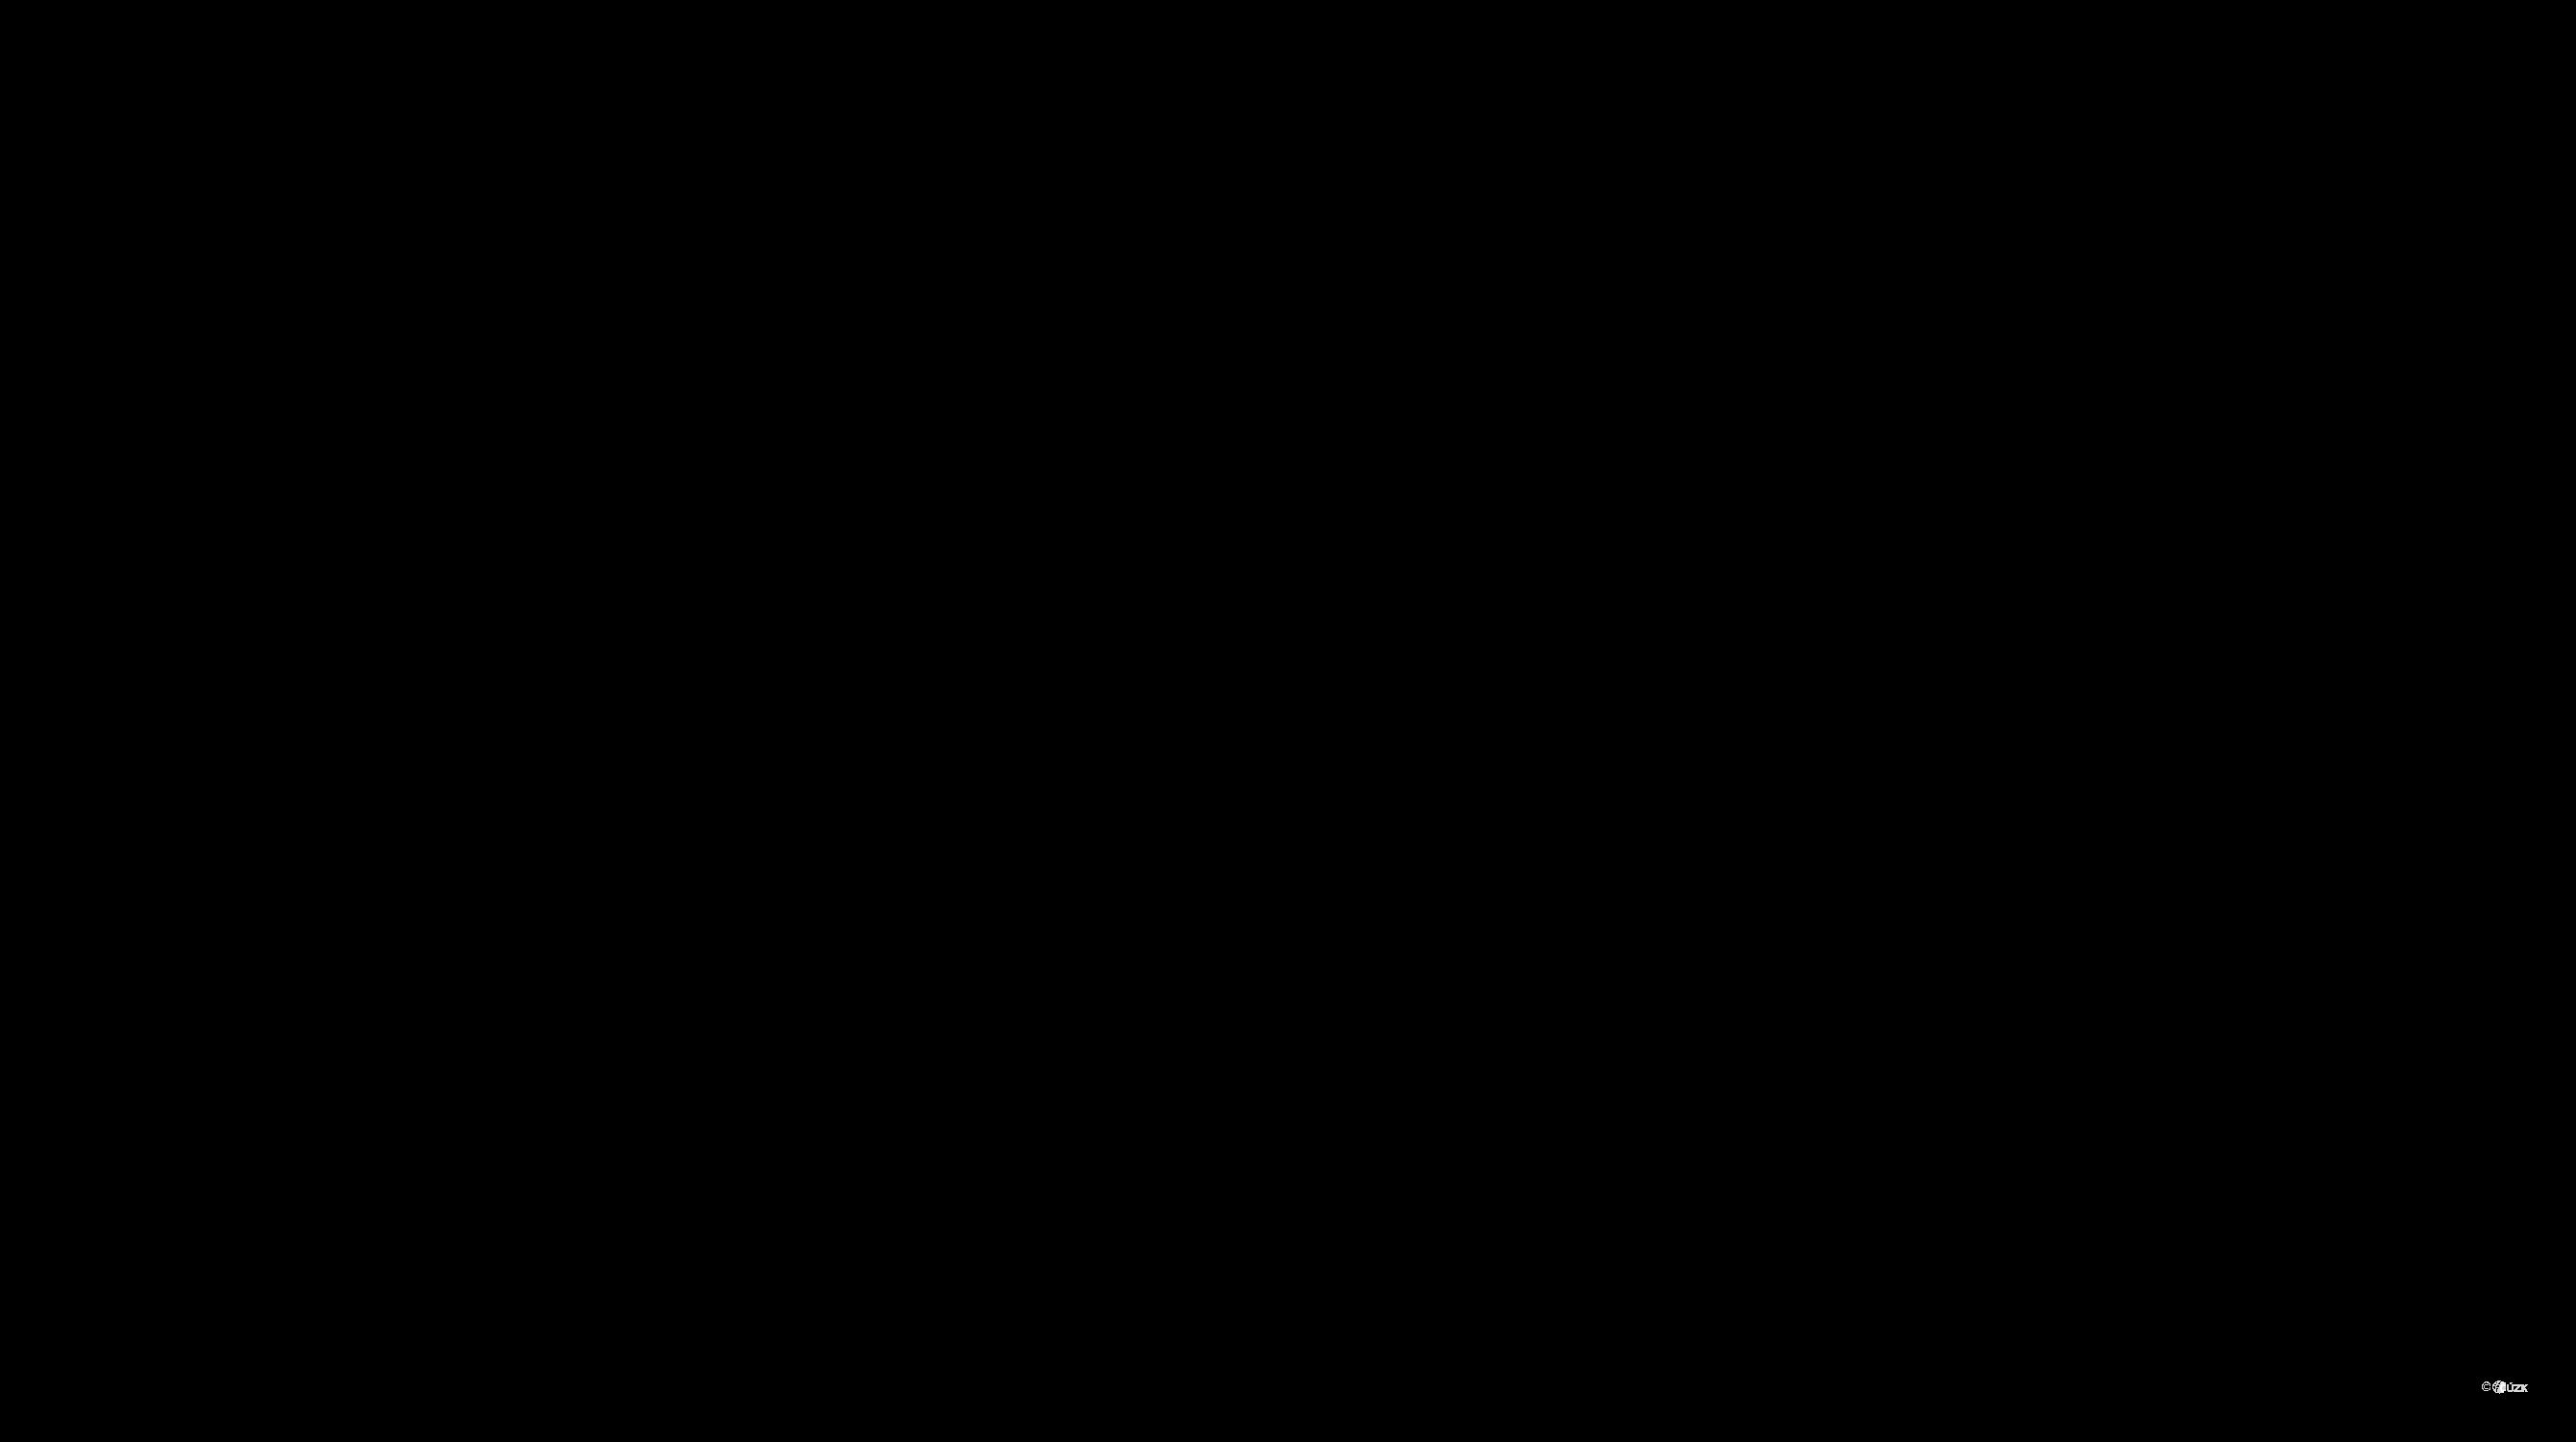 Katastrální mapa pozemků a čísla parcel Hlohovec